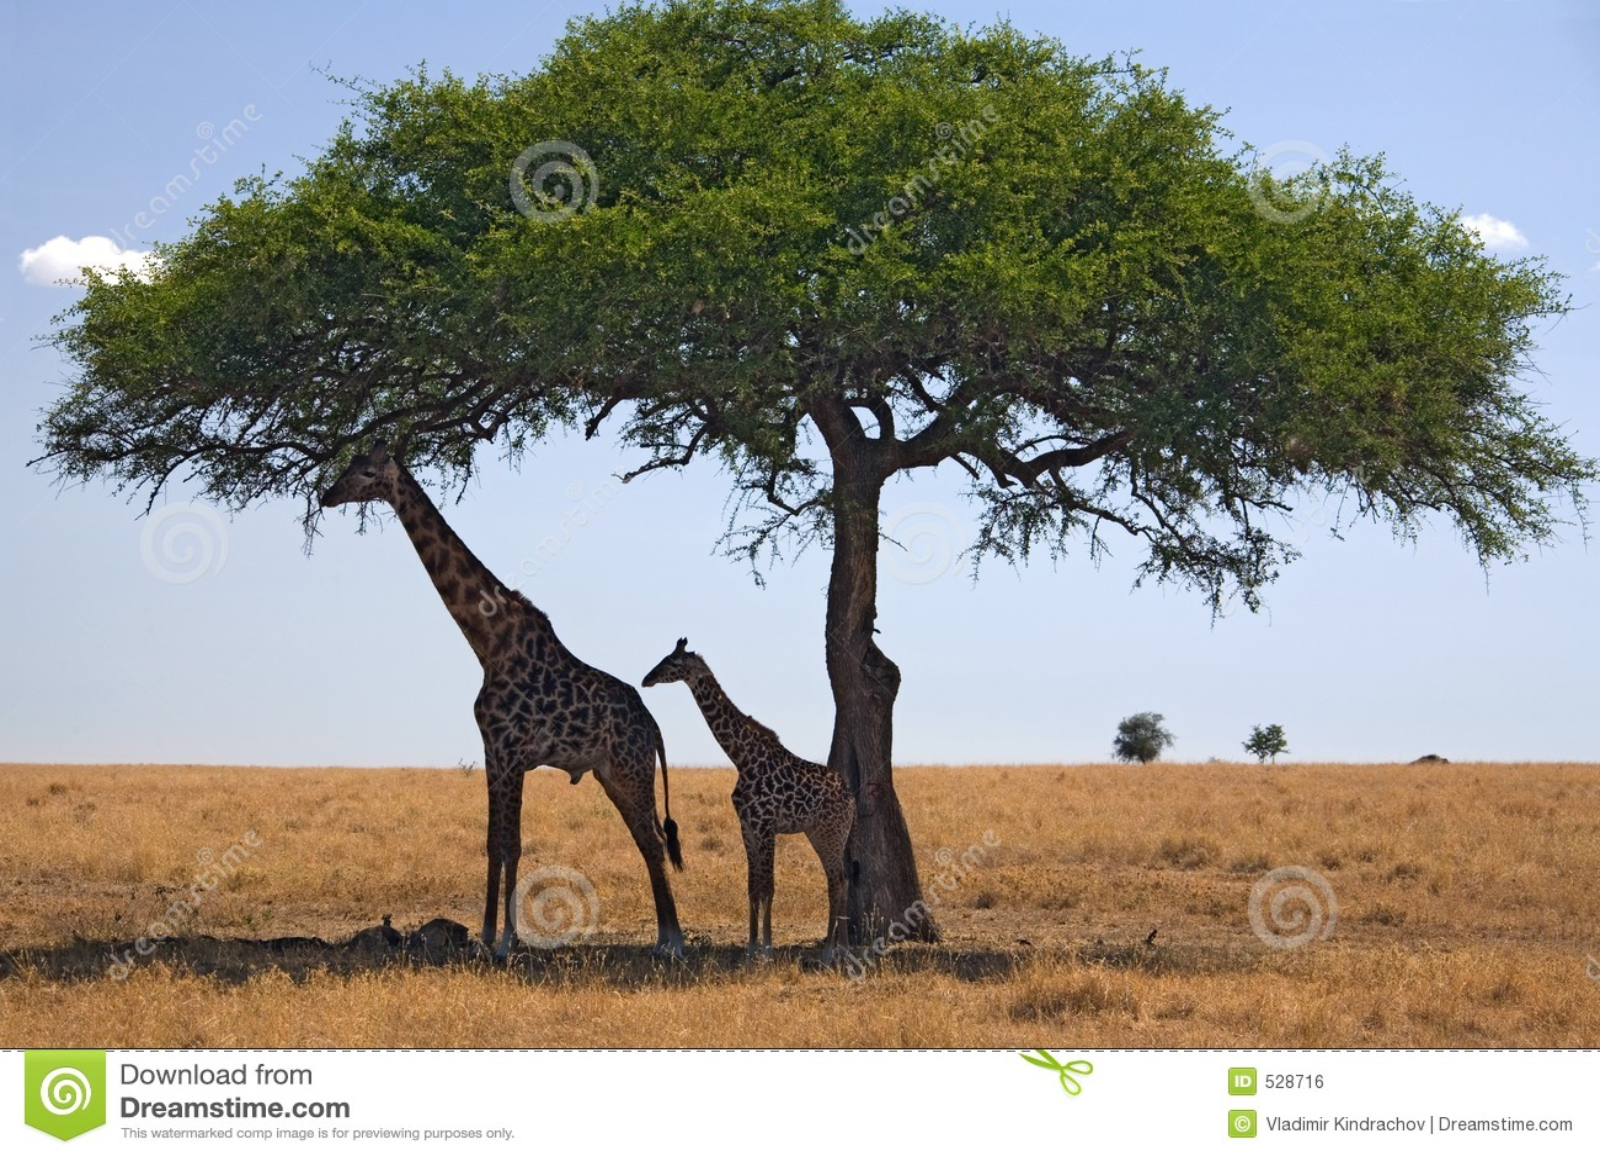 Giraffe 049 ζώων